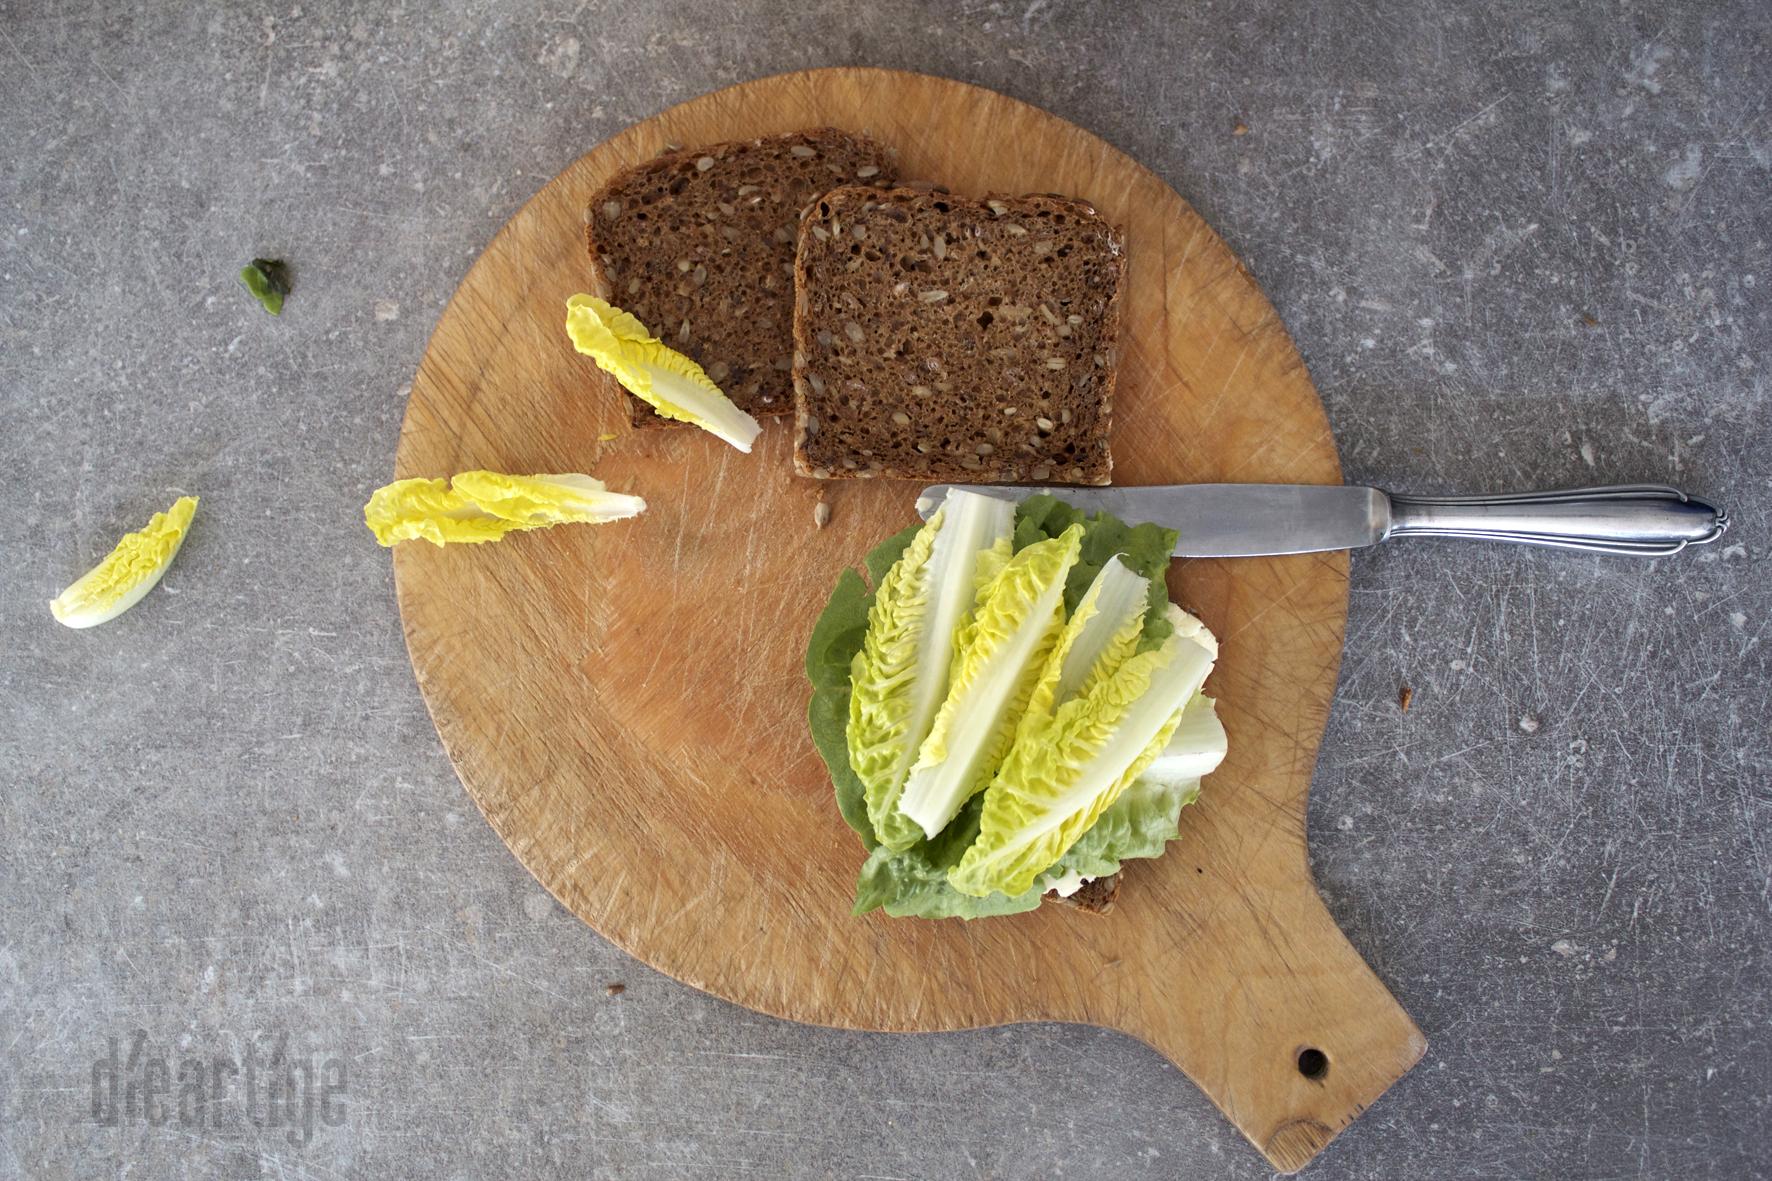 dieartigeBLOG - Sandwich mit La Ficelle + Birne | Vollkornbrot + franz. Weichkäse + Salat+ Birne